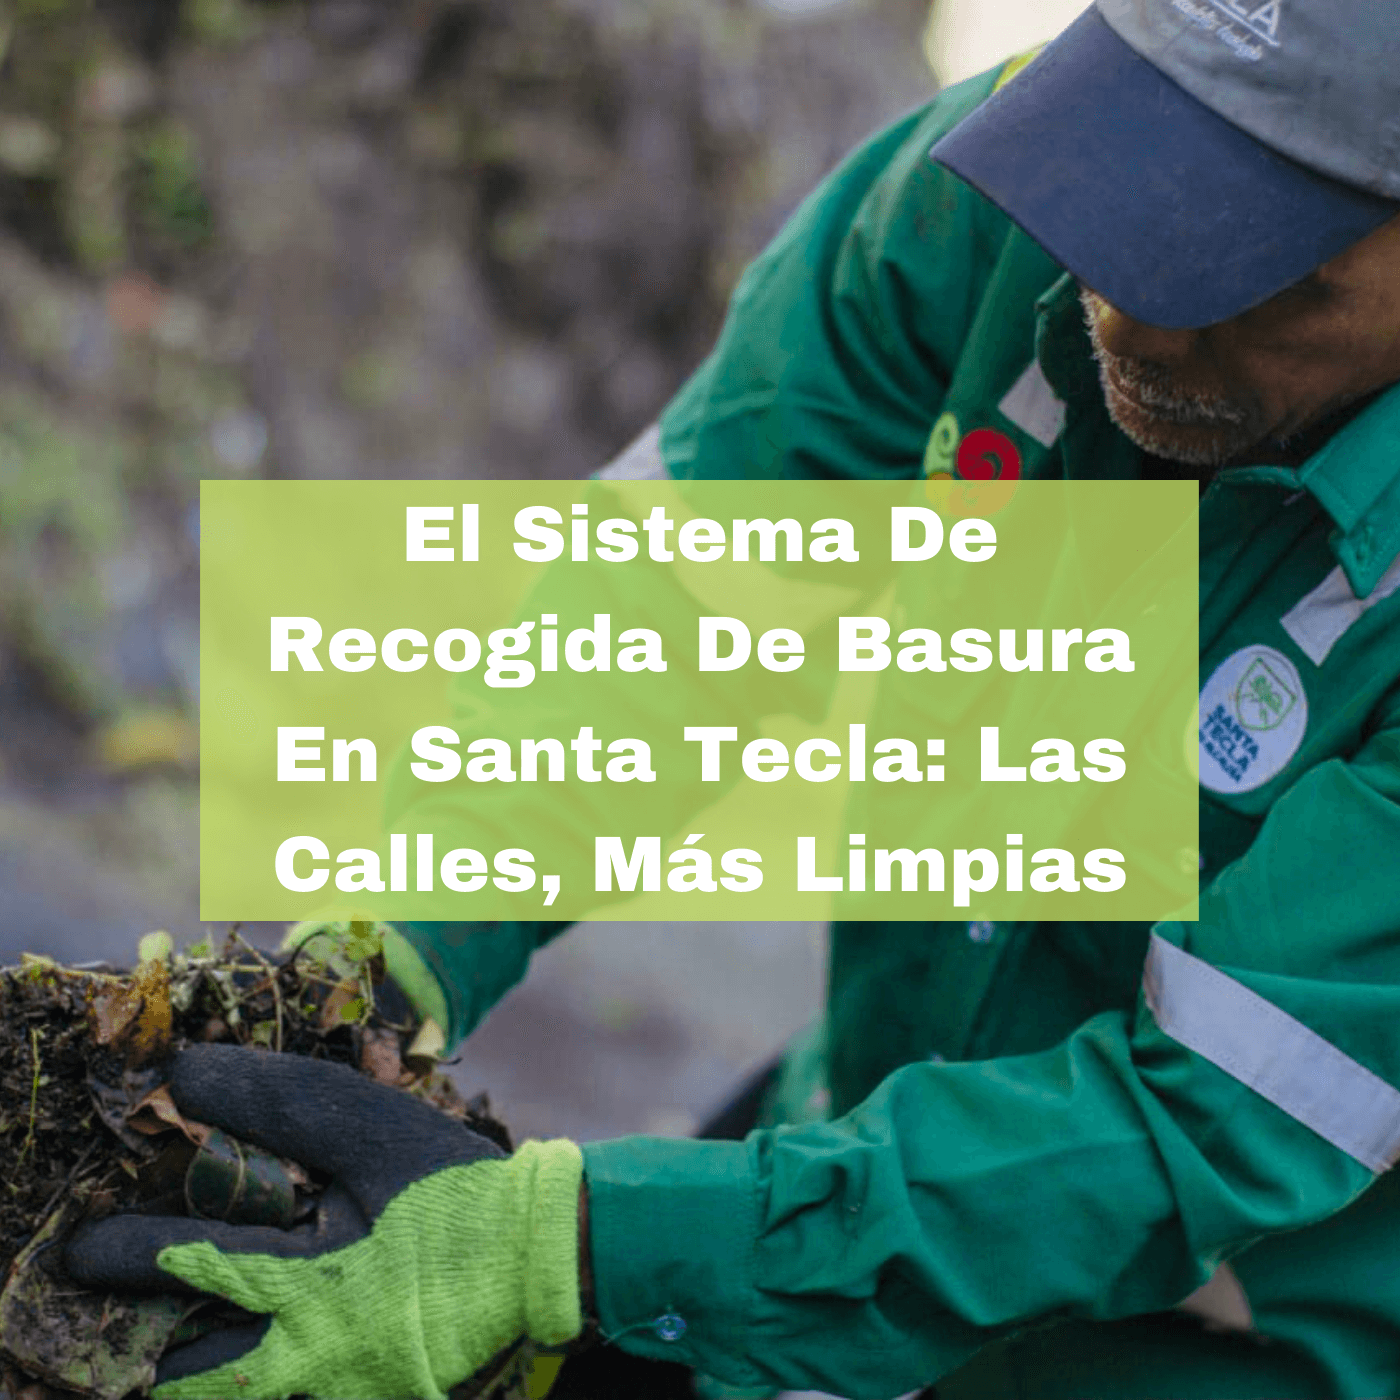 El Sistema De Recogida De Basura En Santa Tecla Las Calles, Más Limpias. Foto portada. Infografía. Roberto d'Aubuisson. 2021